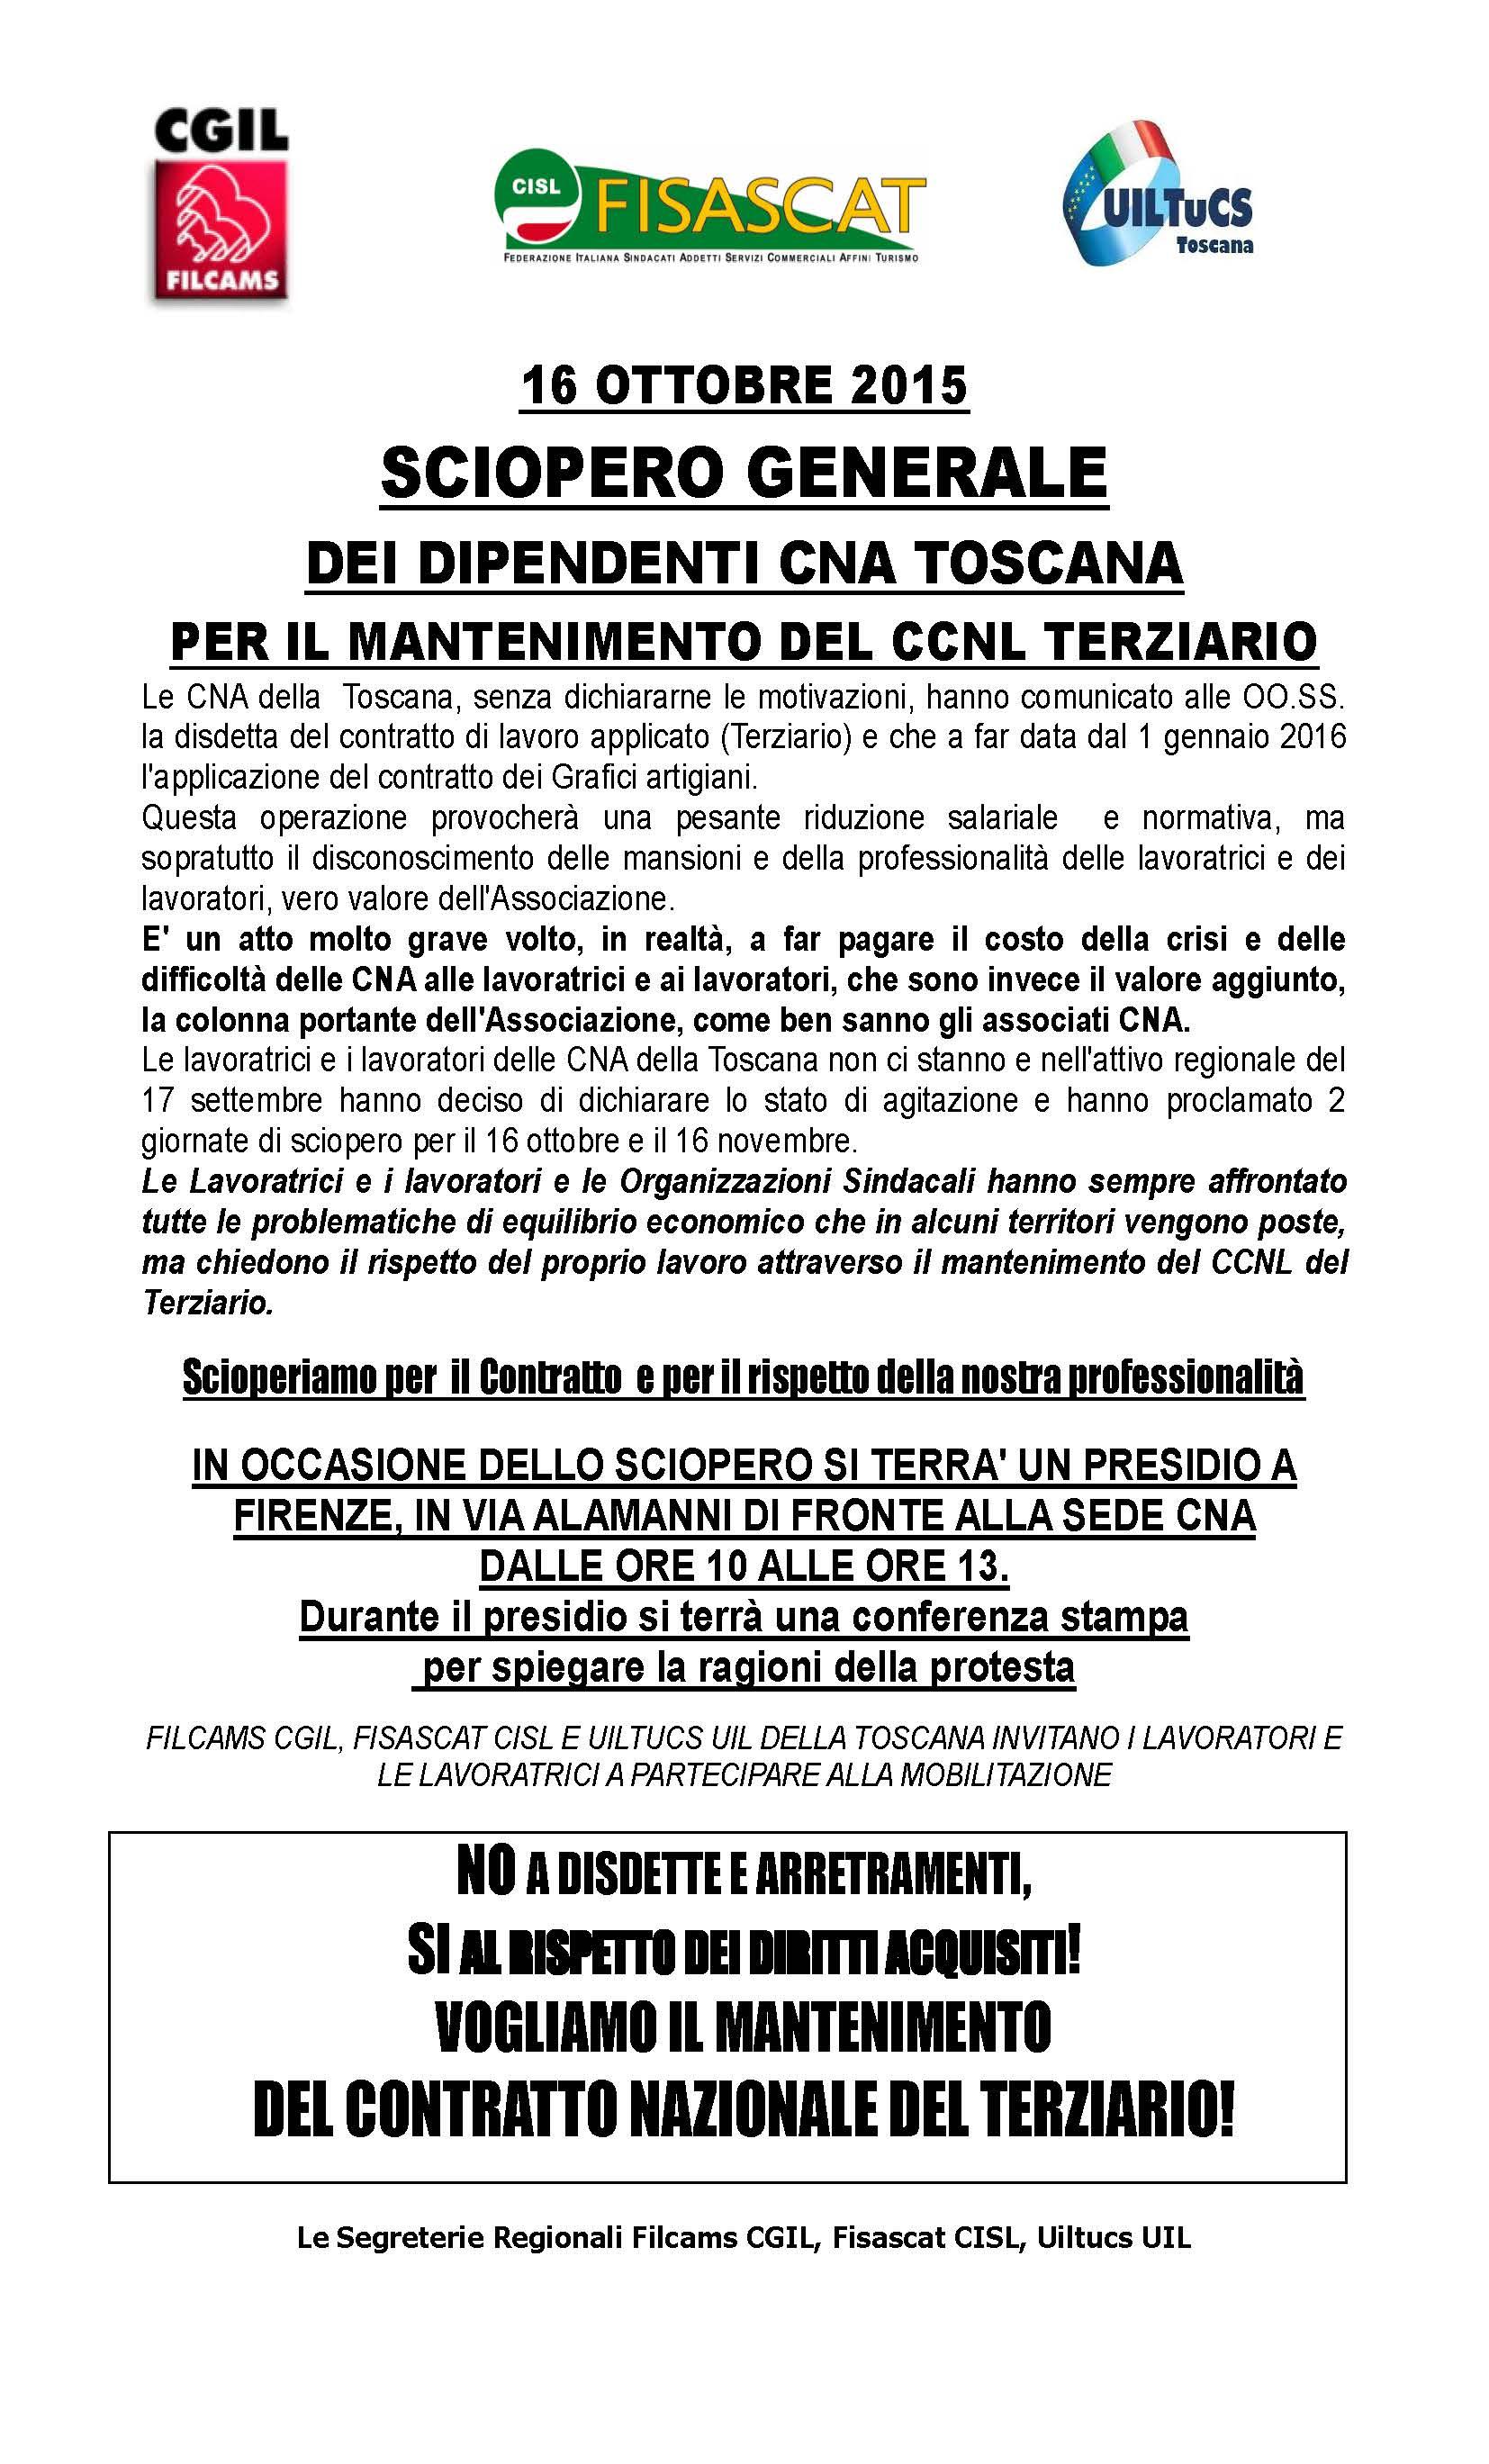 16 ottobre sciopero dei lavoratori cna della toscana at for Costo seminterrato di sciopero